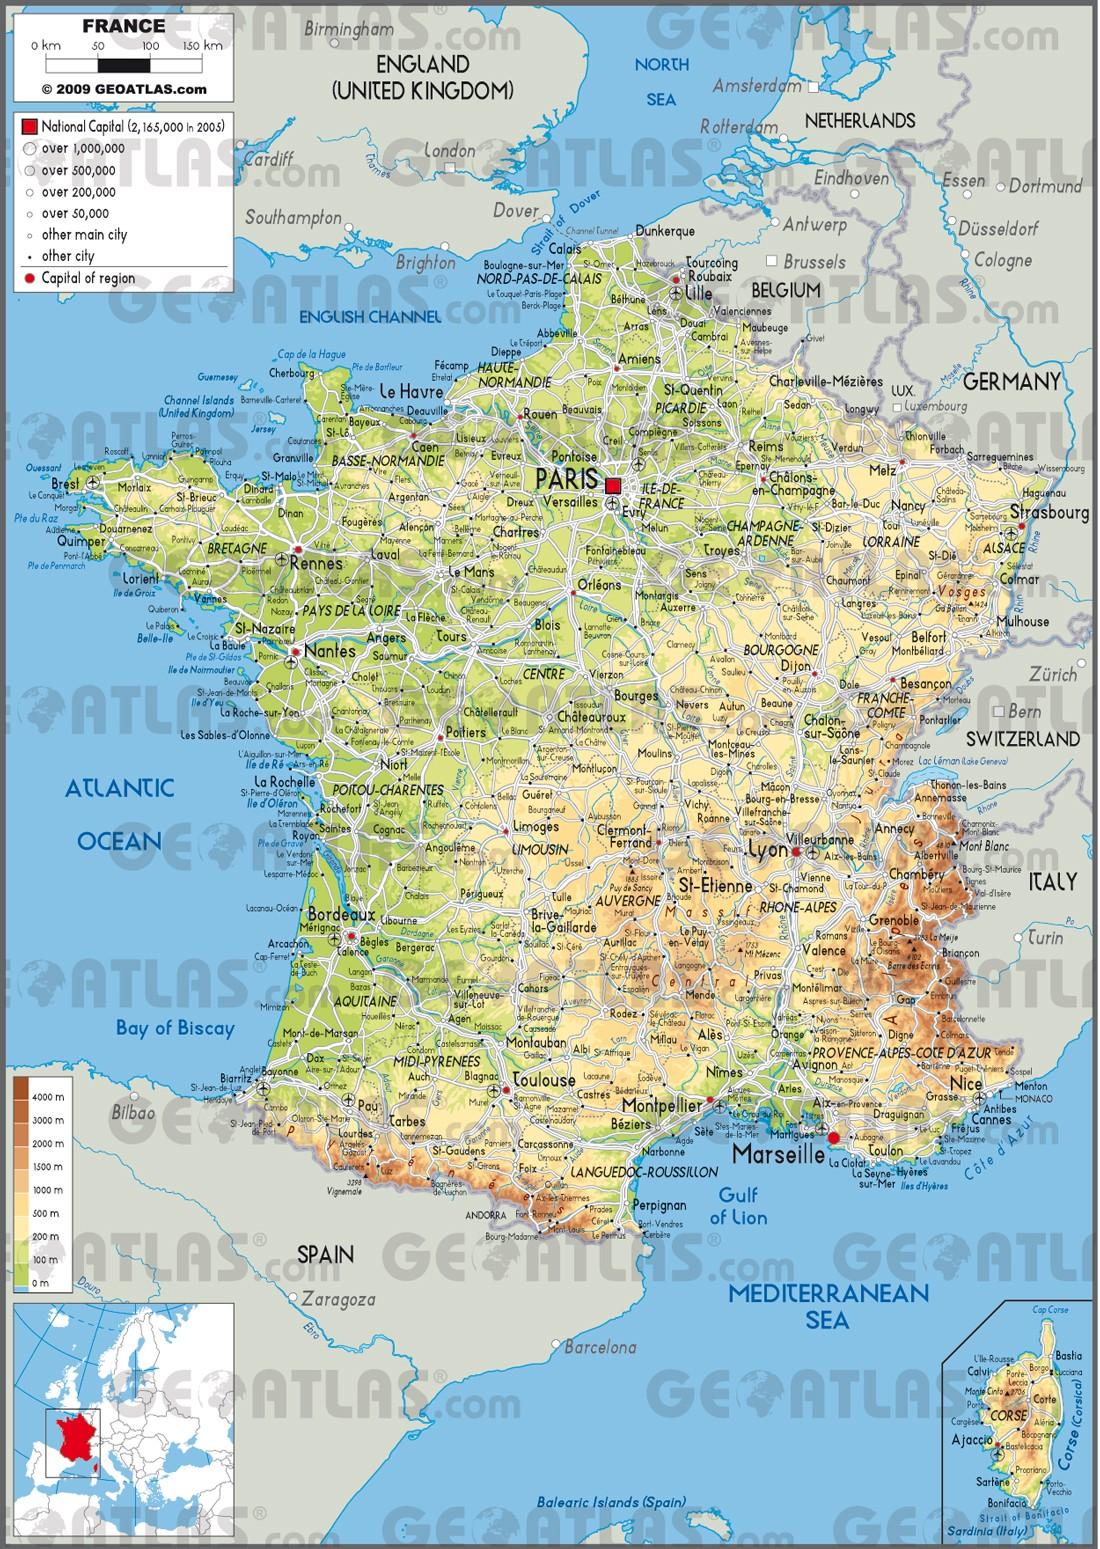 France en images (1)